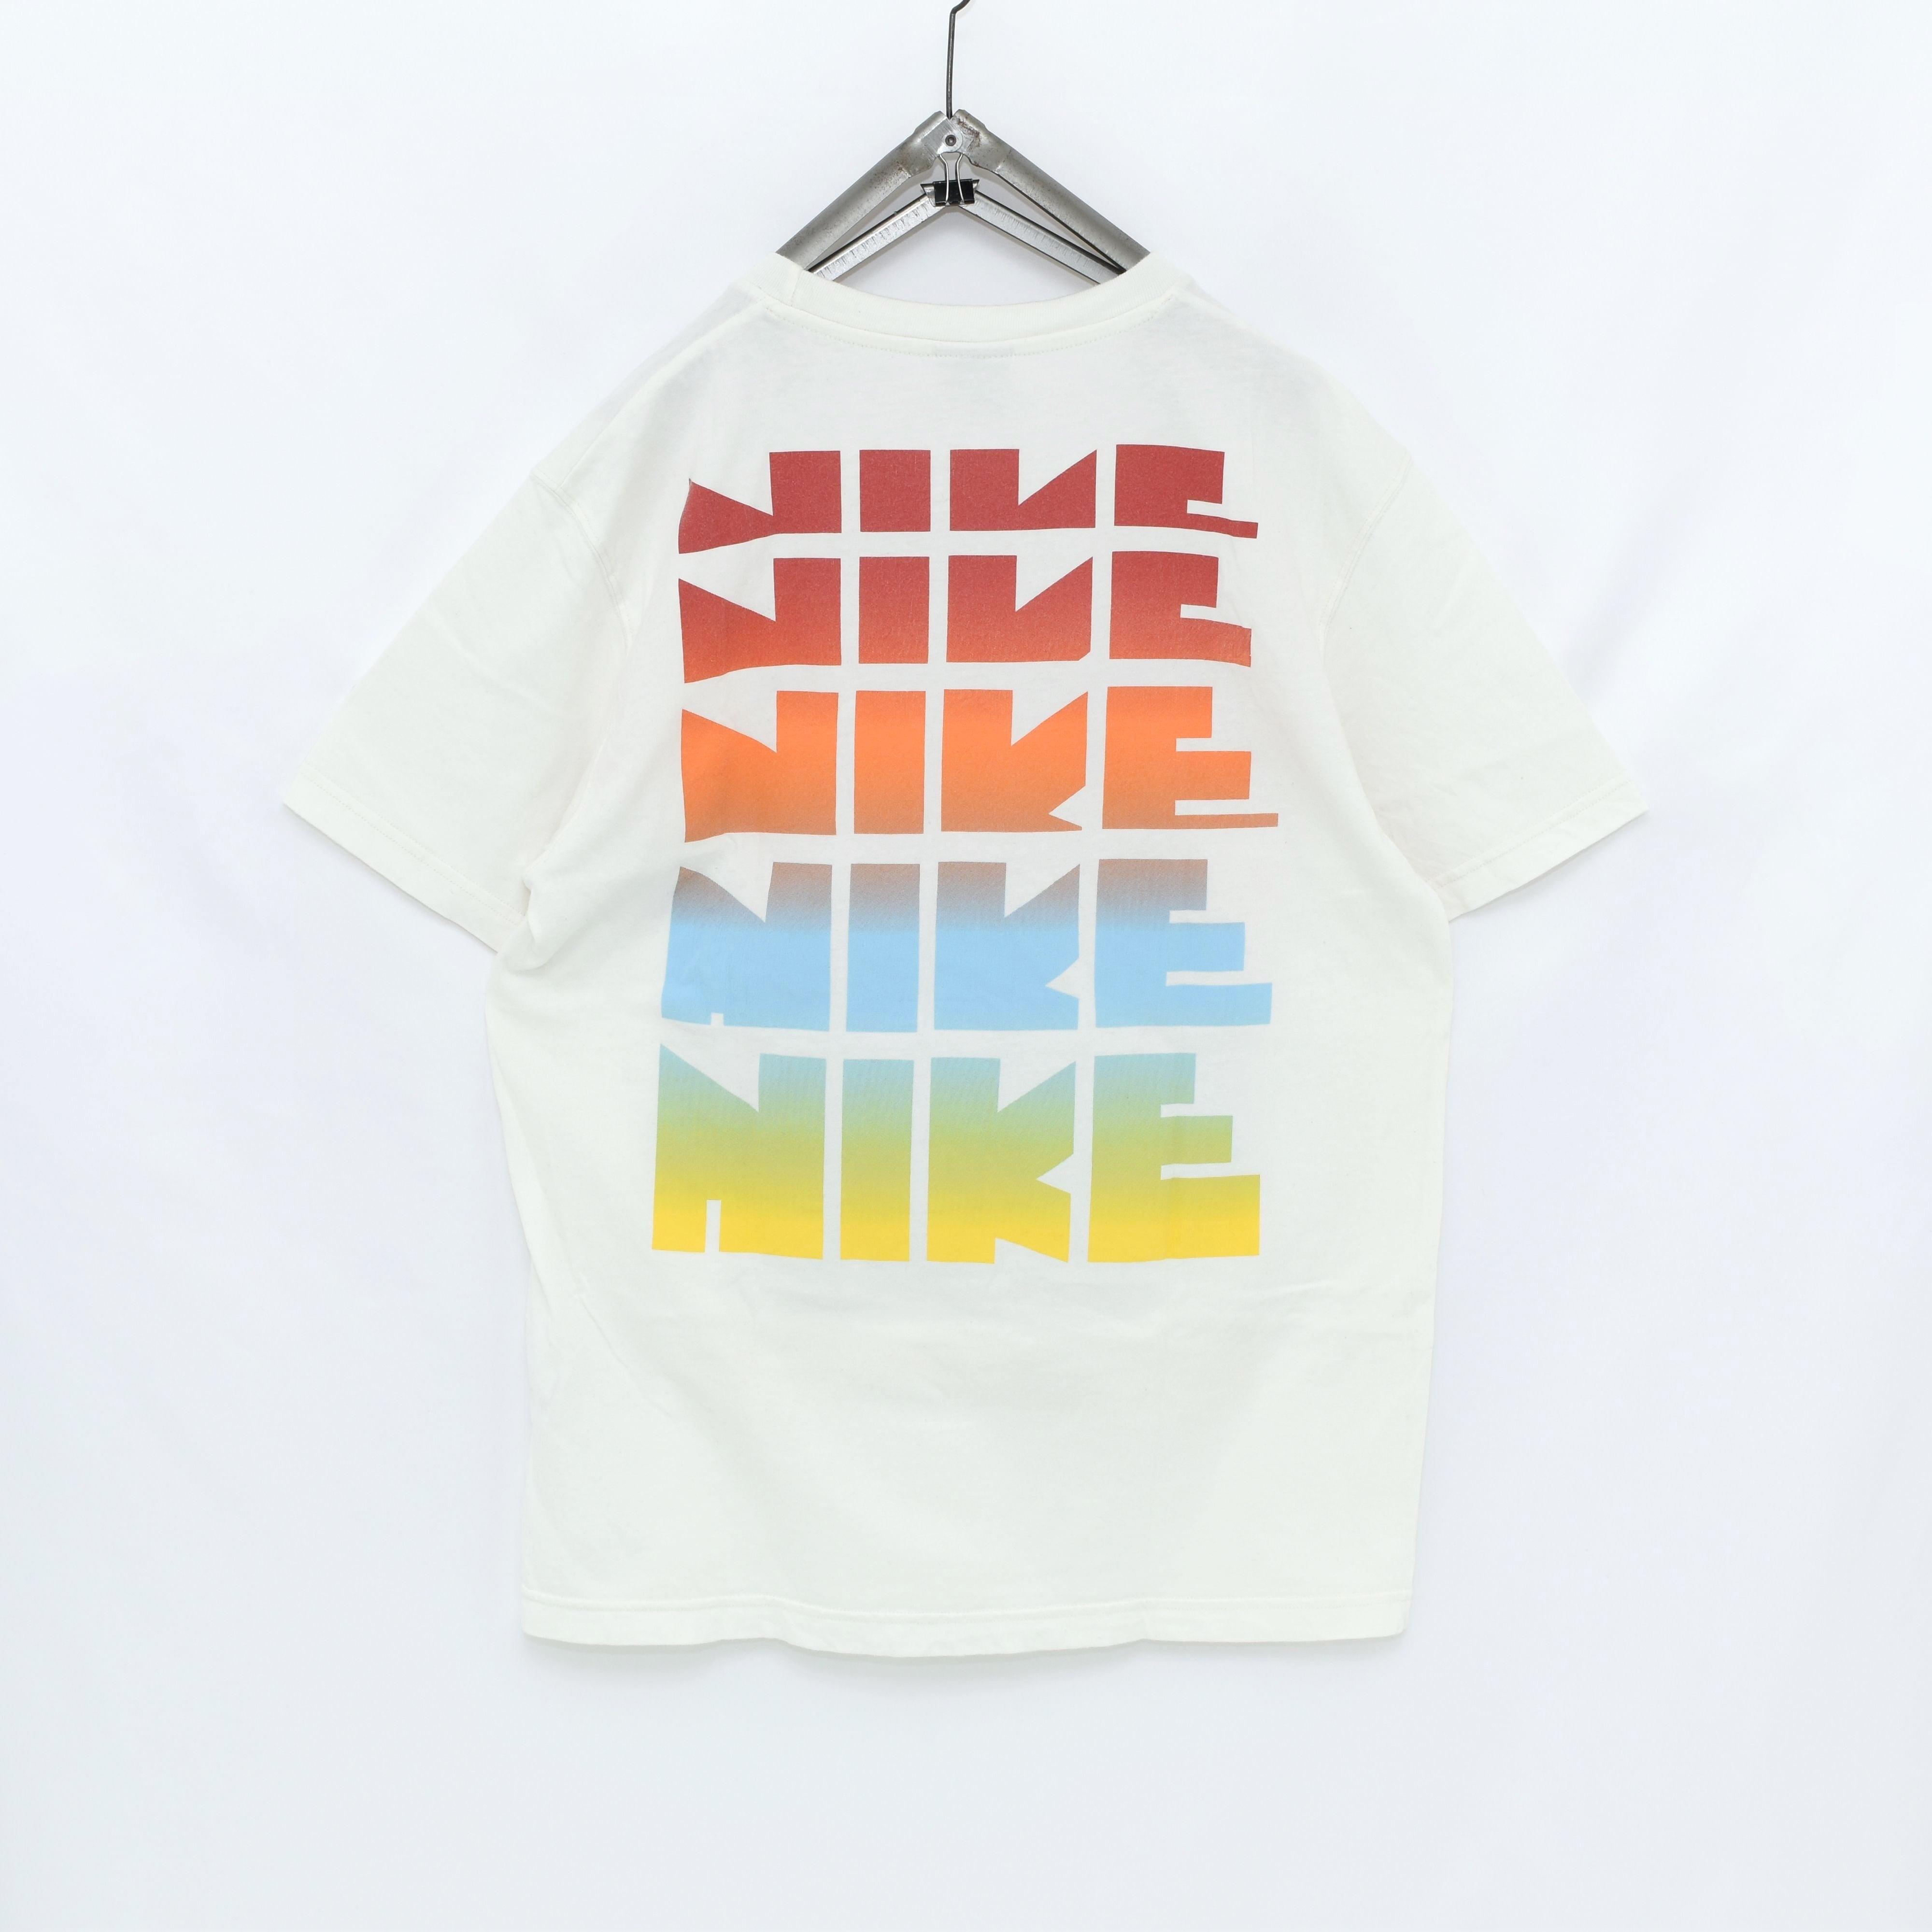 ナイキ 希少【ポルトガル製】NIKE ホワイトレーベル ゴツナイキ Tシャツ 完売品